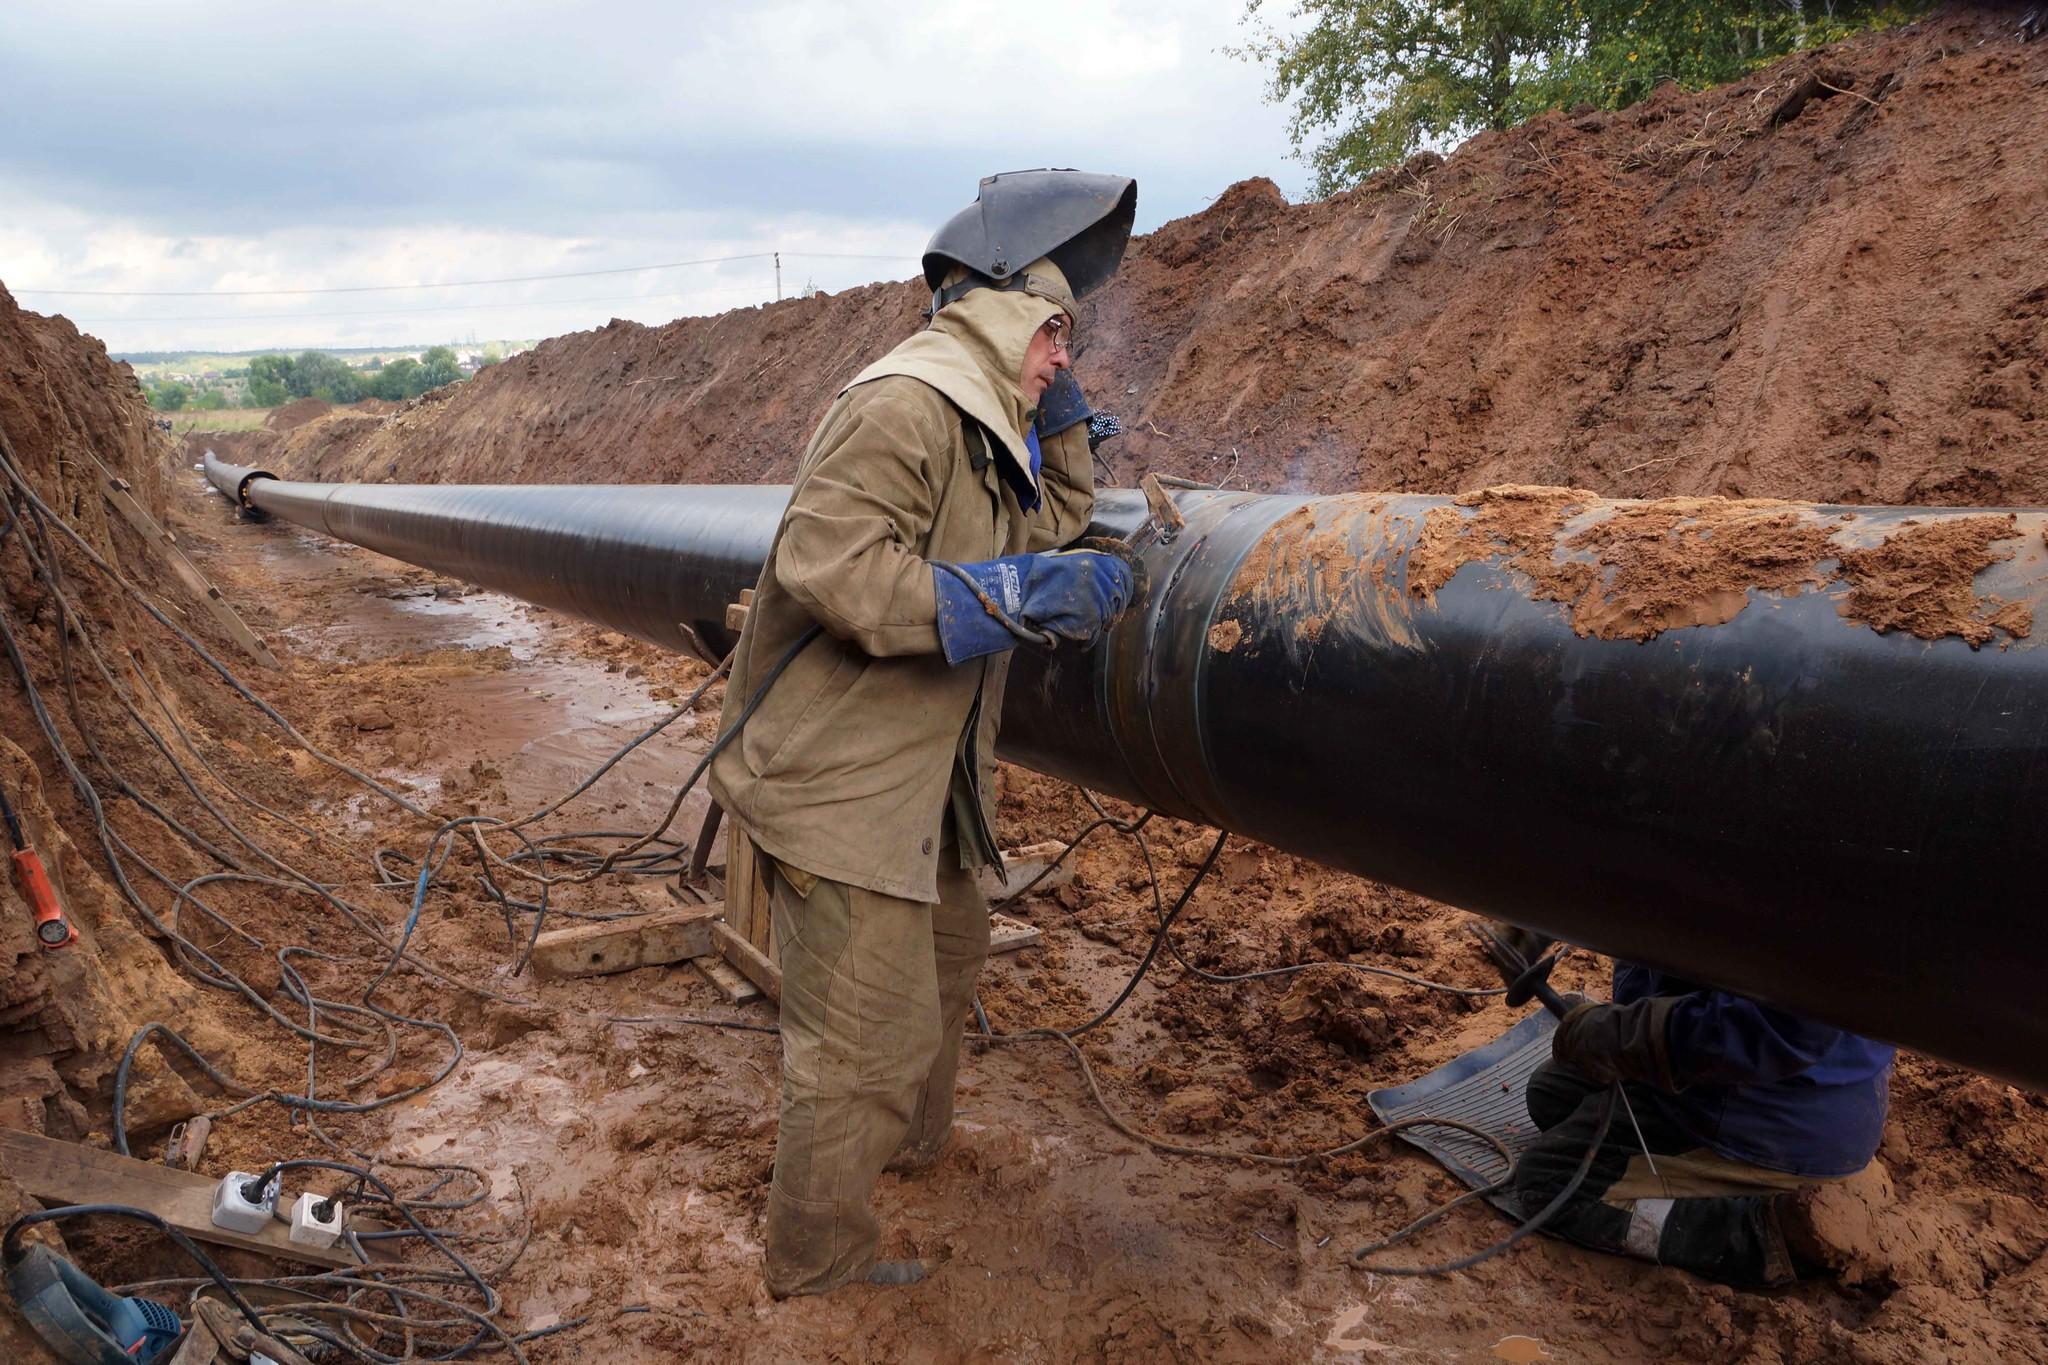 образом, картинки по монтажу газопроводов фанаты картинки рабочий